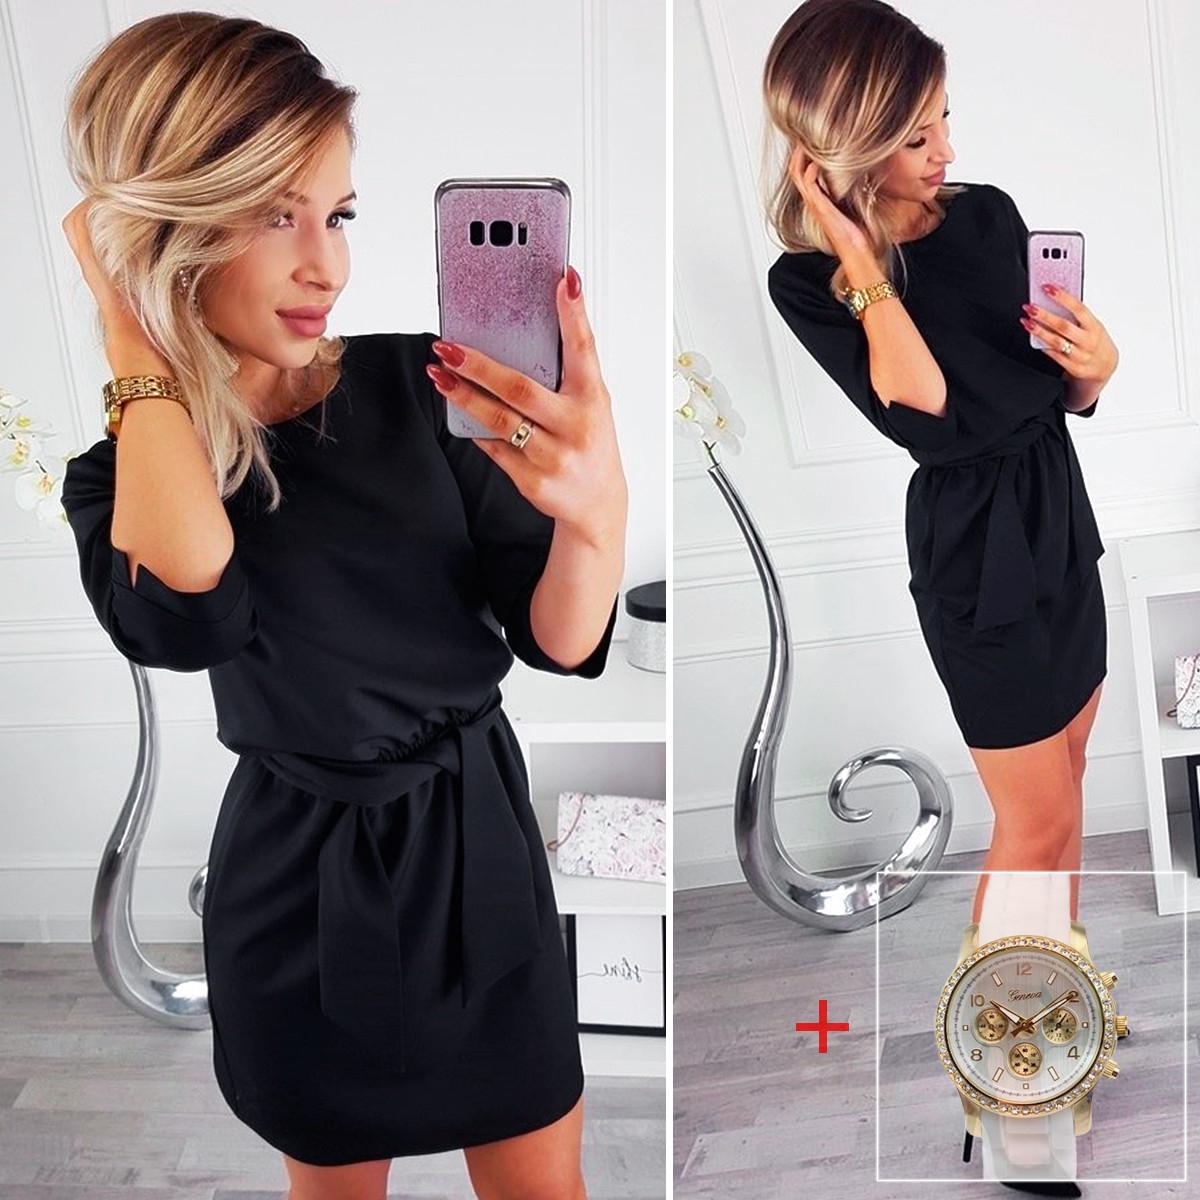 Черное свободное нарядное платье (Код MF-203) + Часы в подарок!